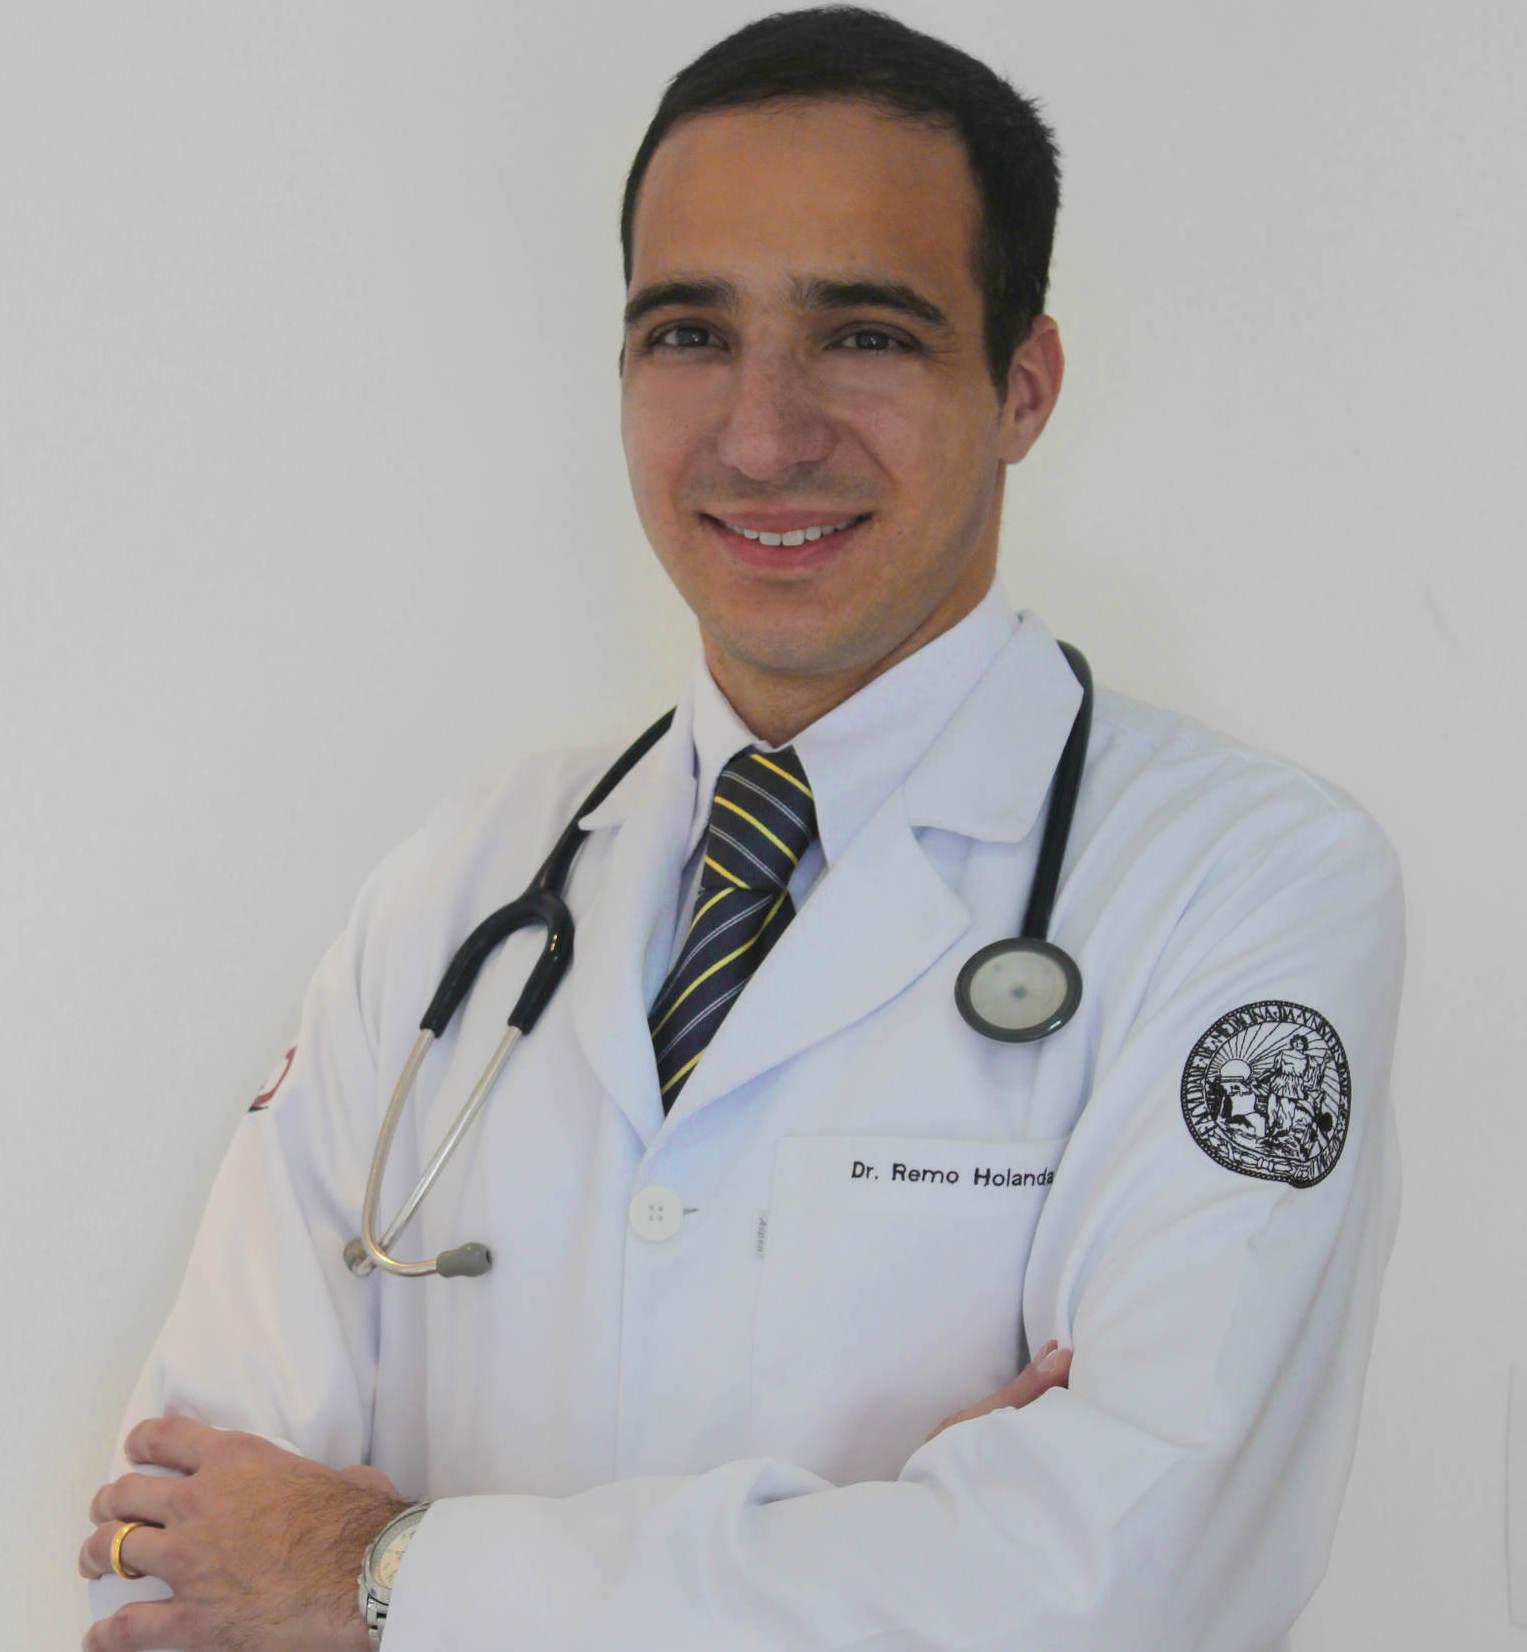 Dr Remo Holanda